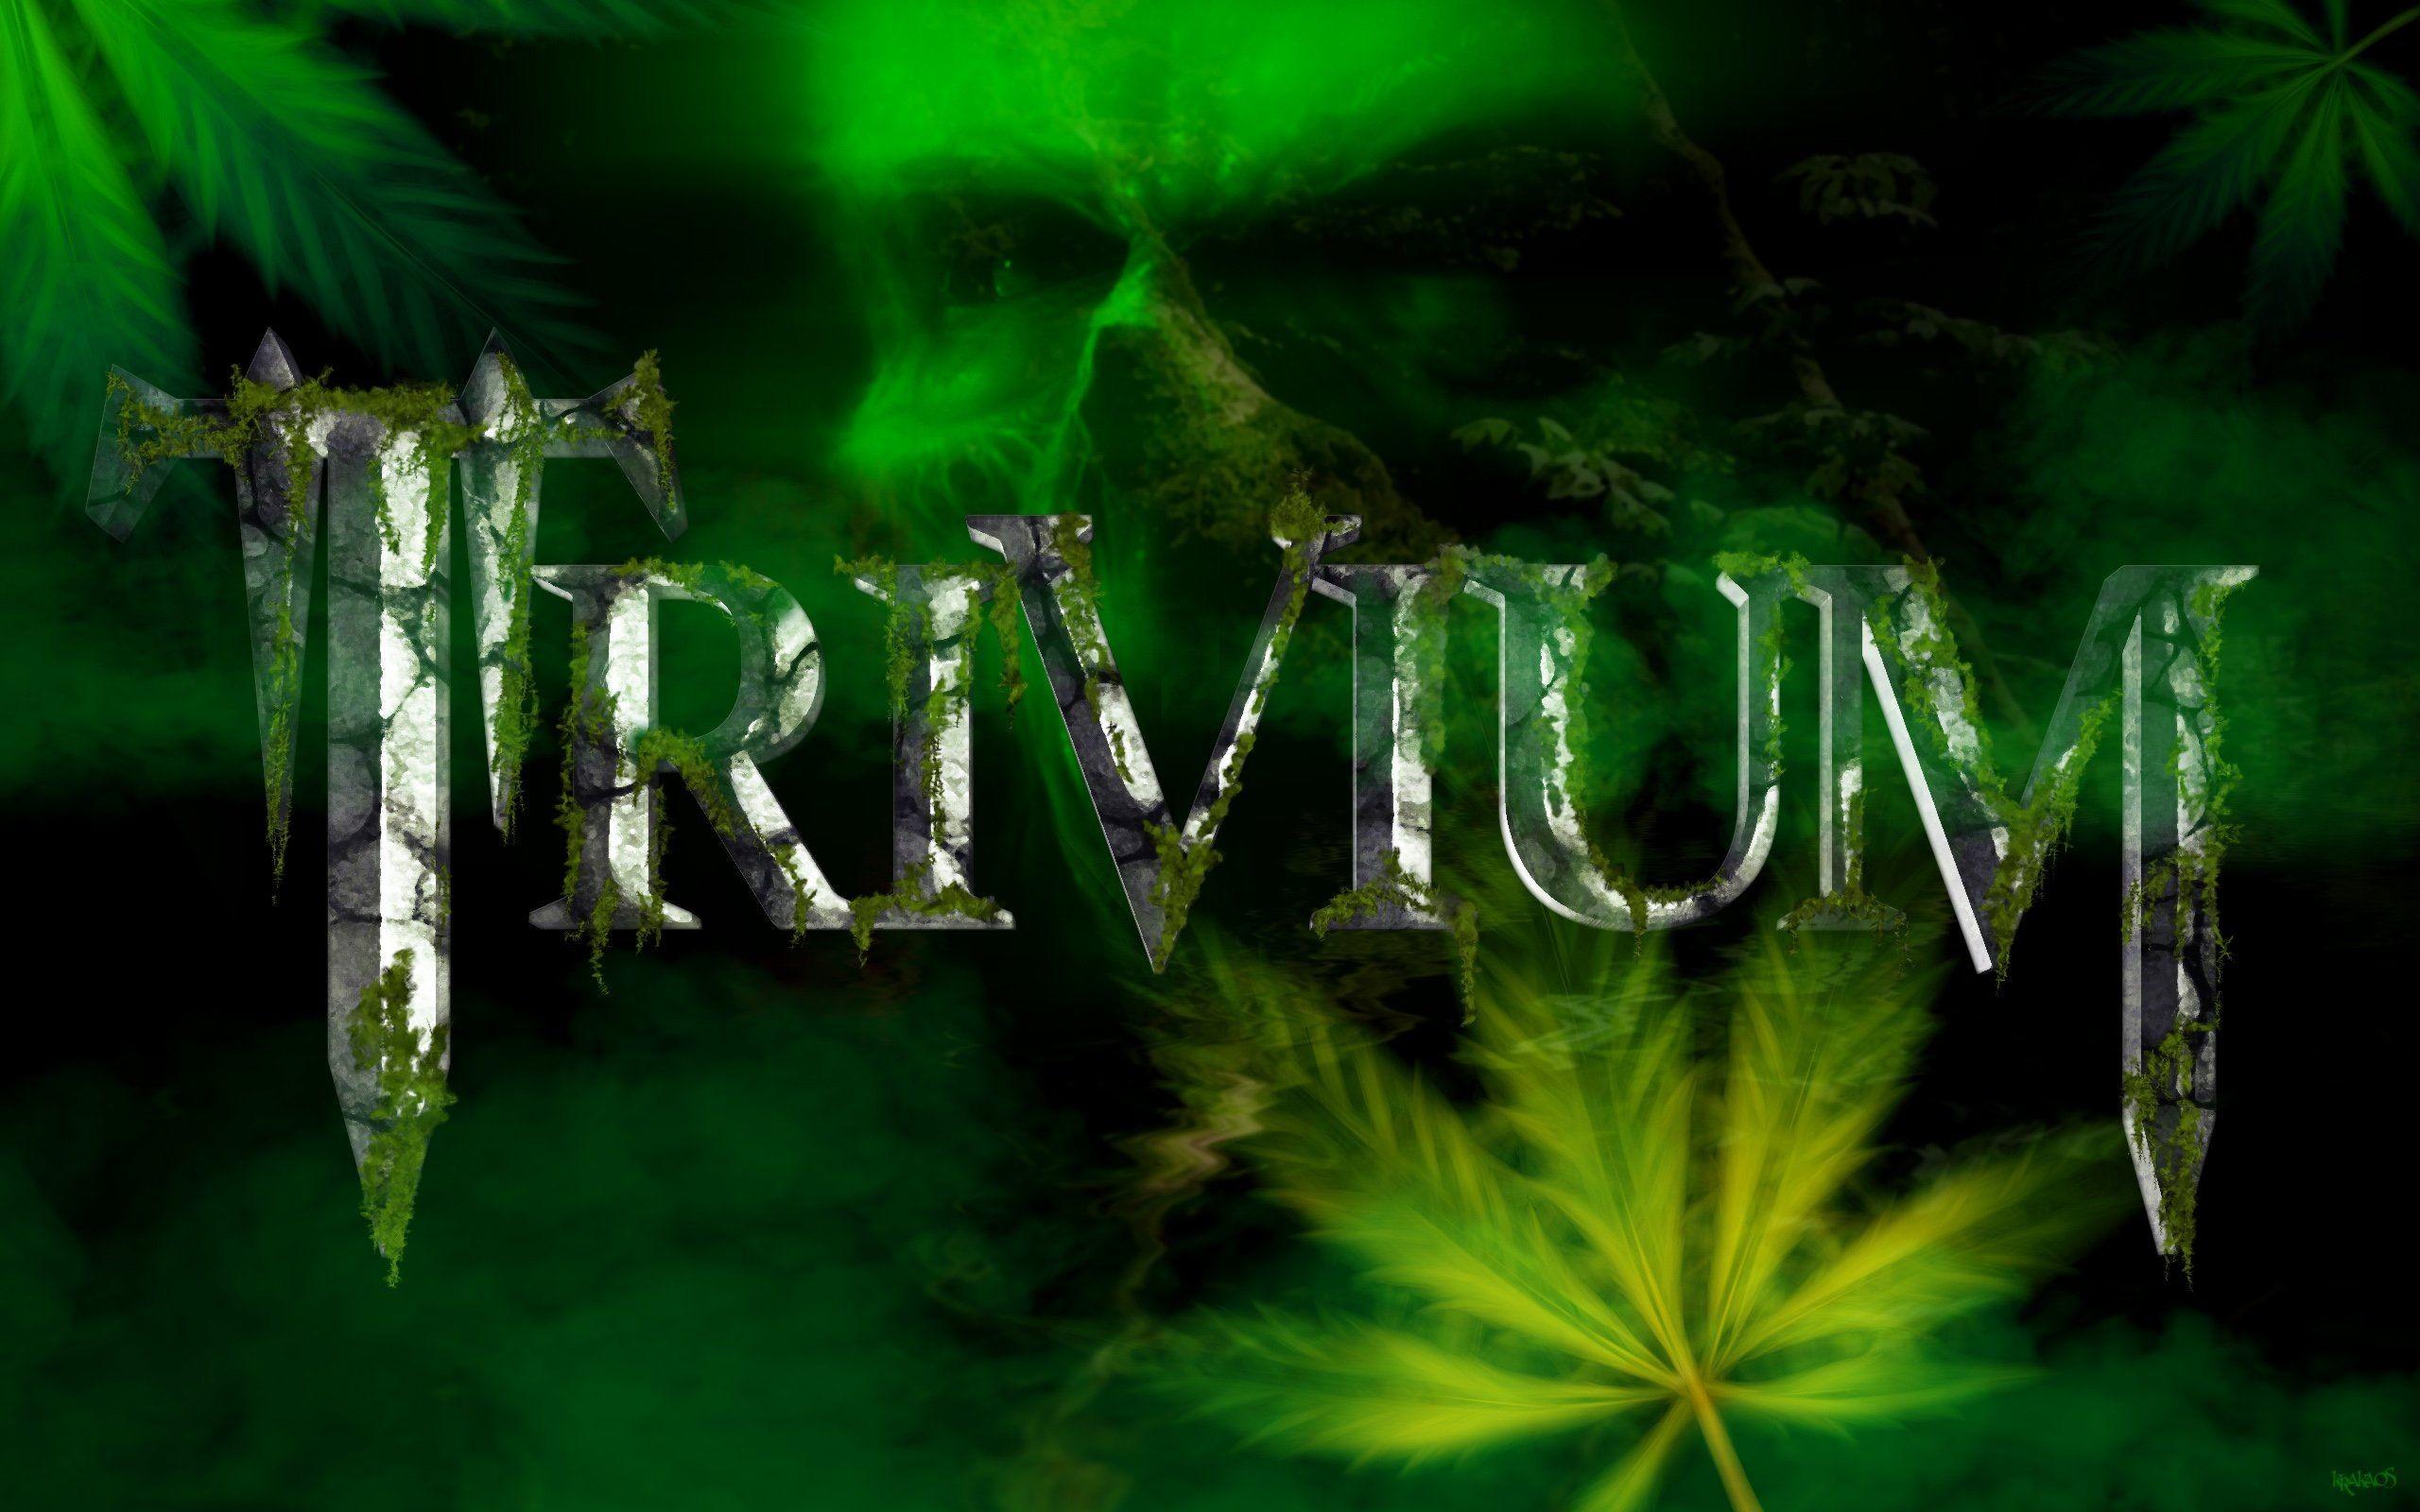 Trivium Vengeance Falls Wallpaper Trivium Wallpaper 69 Images